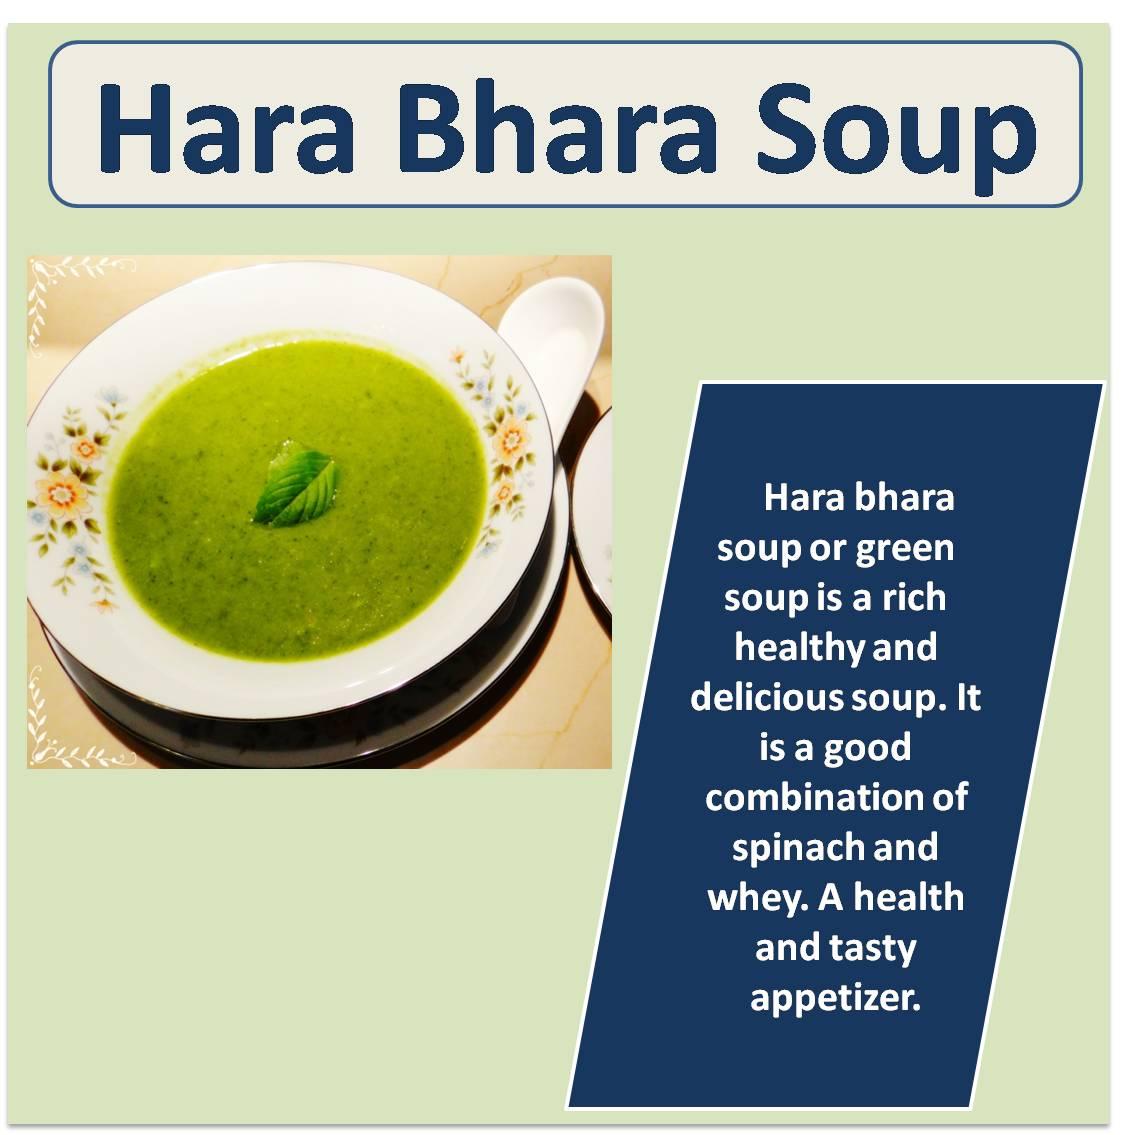 Hara Bhara Soup